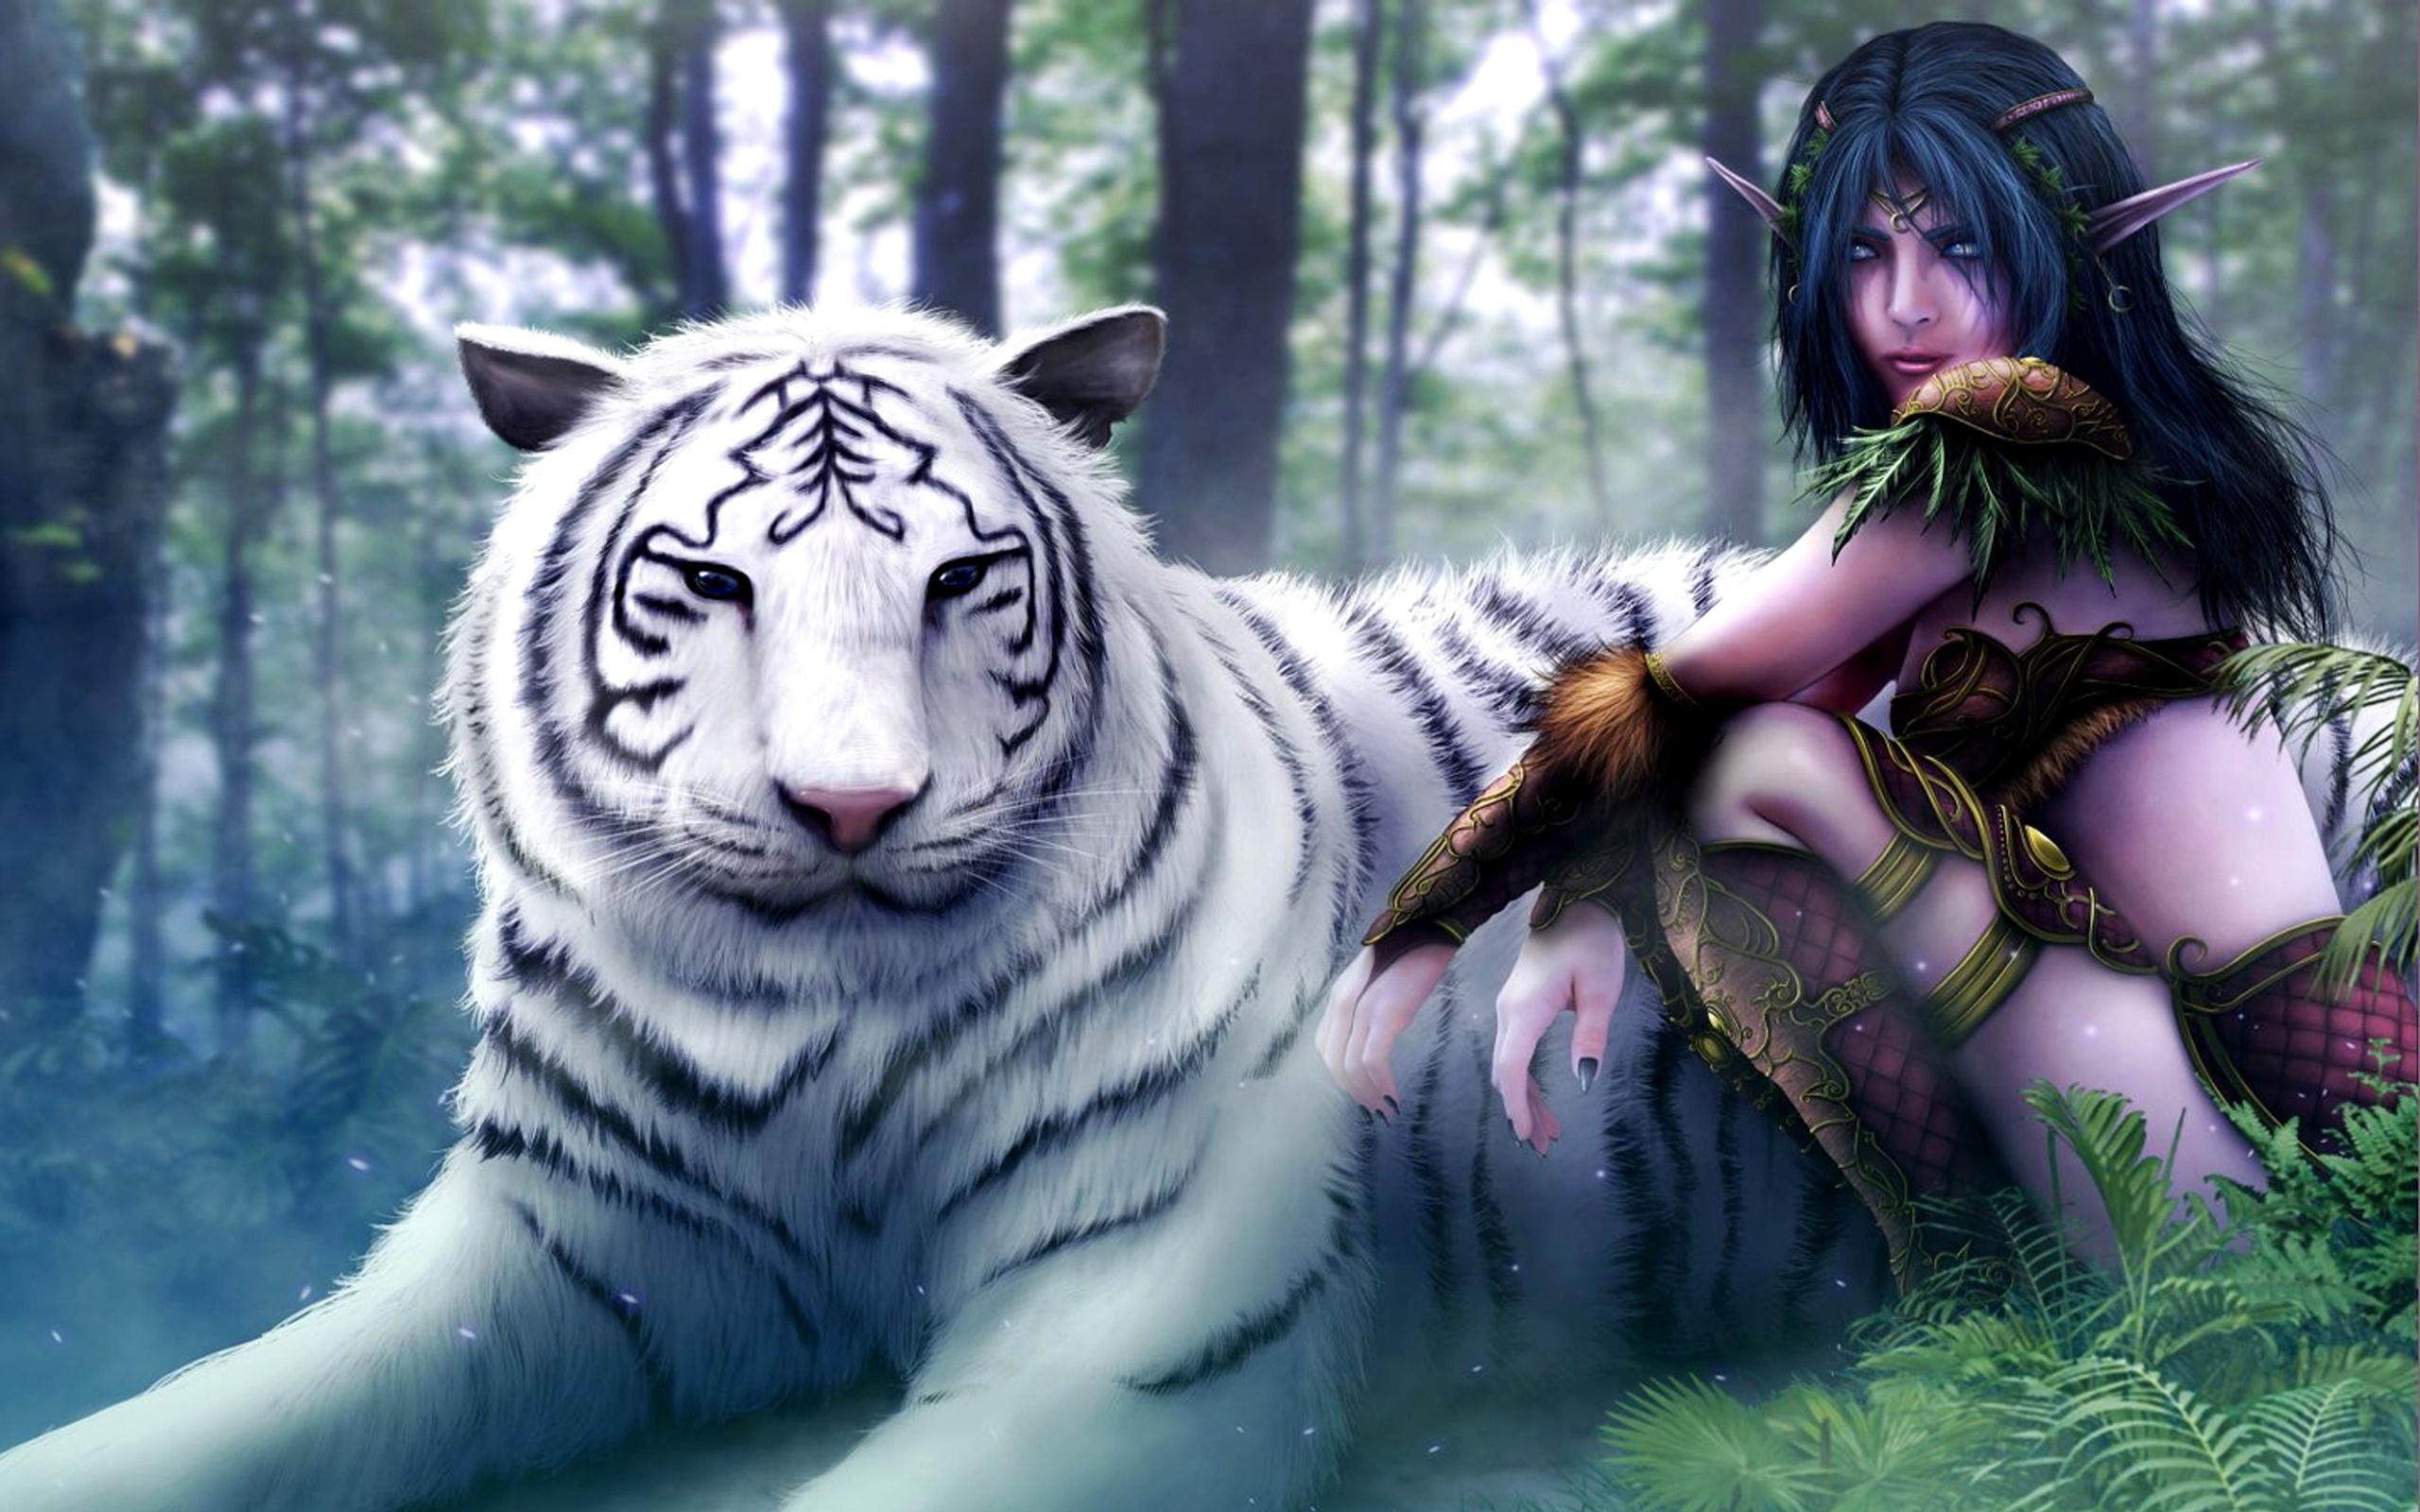 Papeis De Parede Assistente De Menina Com O Tigre Branco 2560x1600